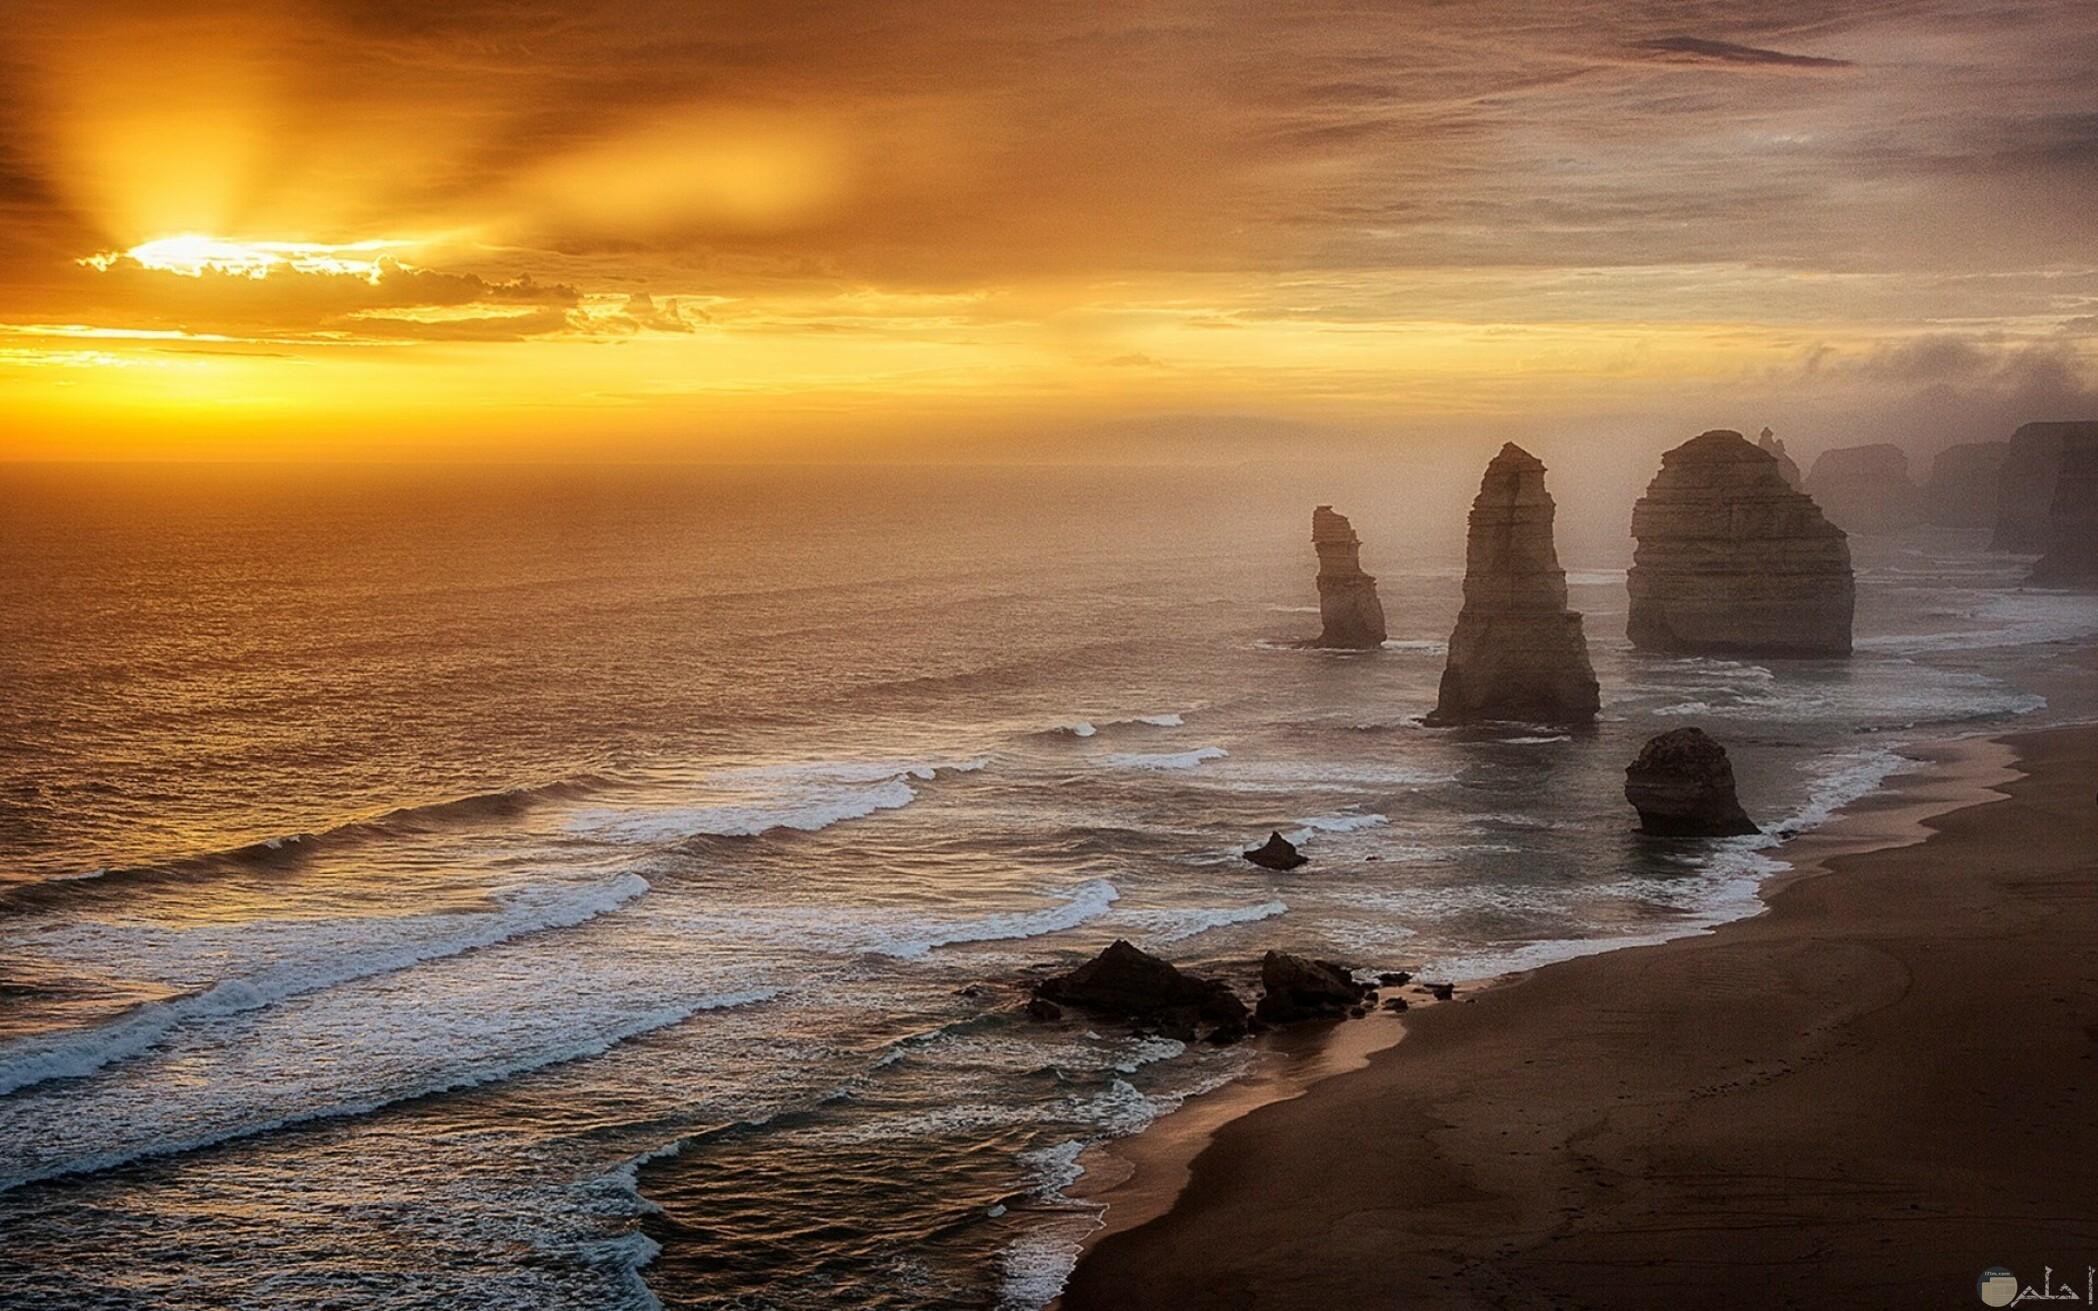 جمال الغروب والصخور والبحر